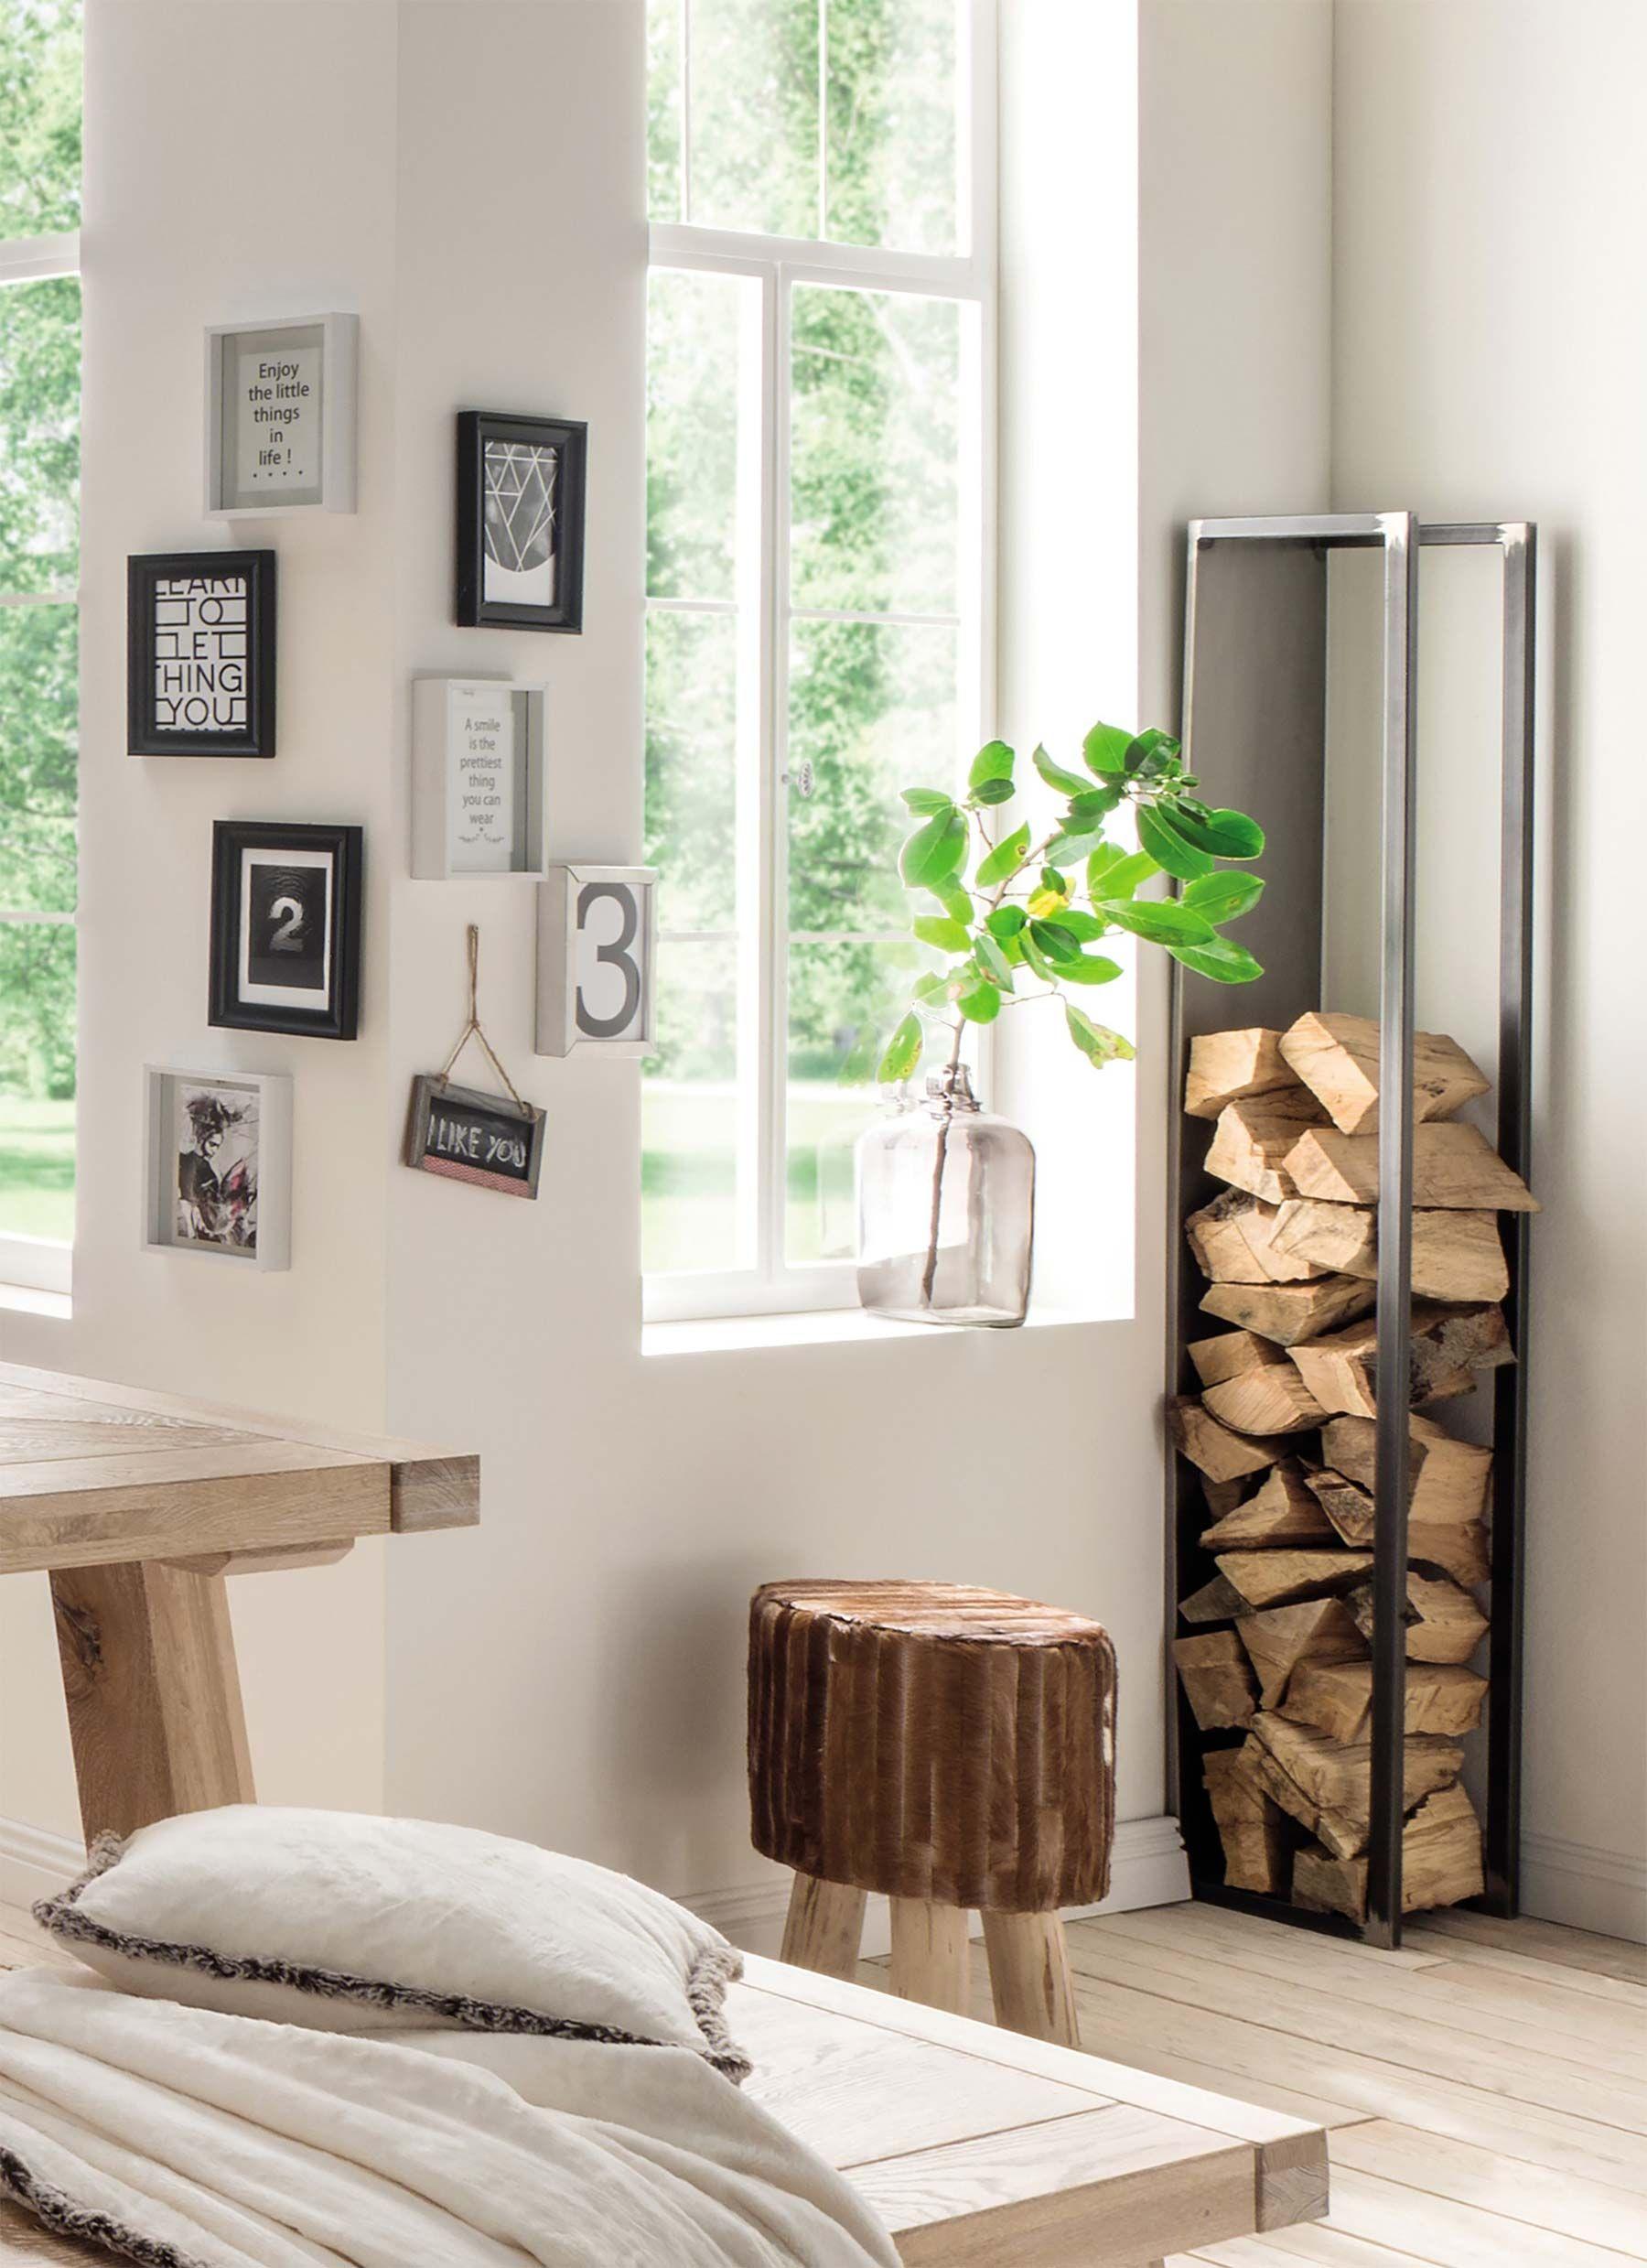 Range Buches Interieur 27 Idees Deco Pour Stocker Votre Bois Idee Deco Range Buche Interieur Deco Maison